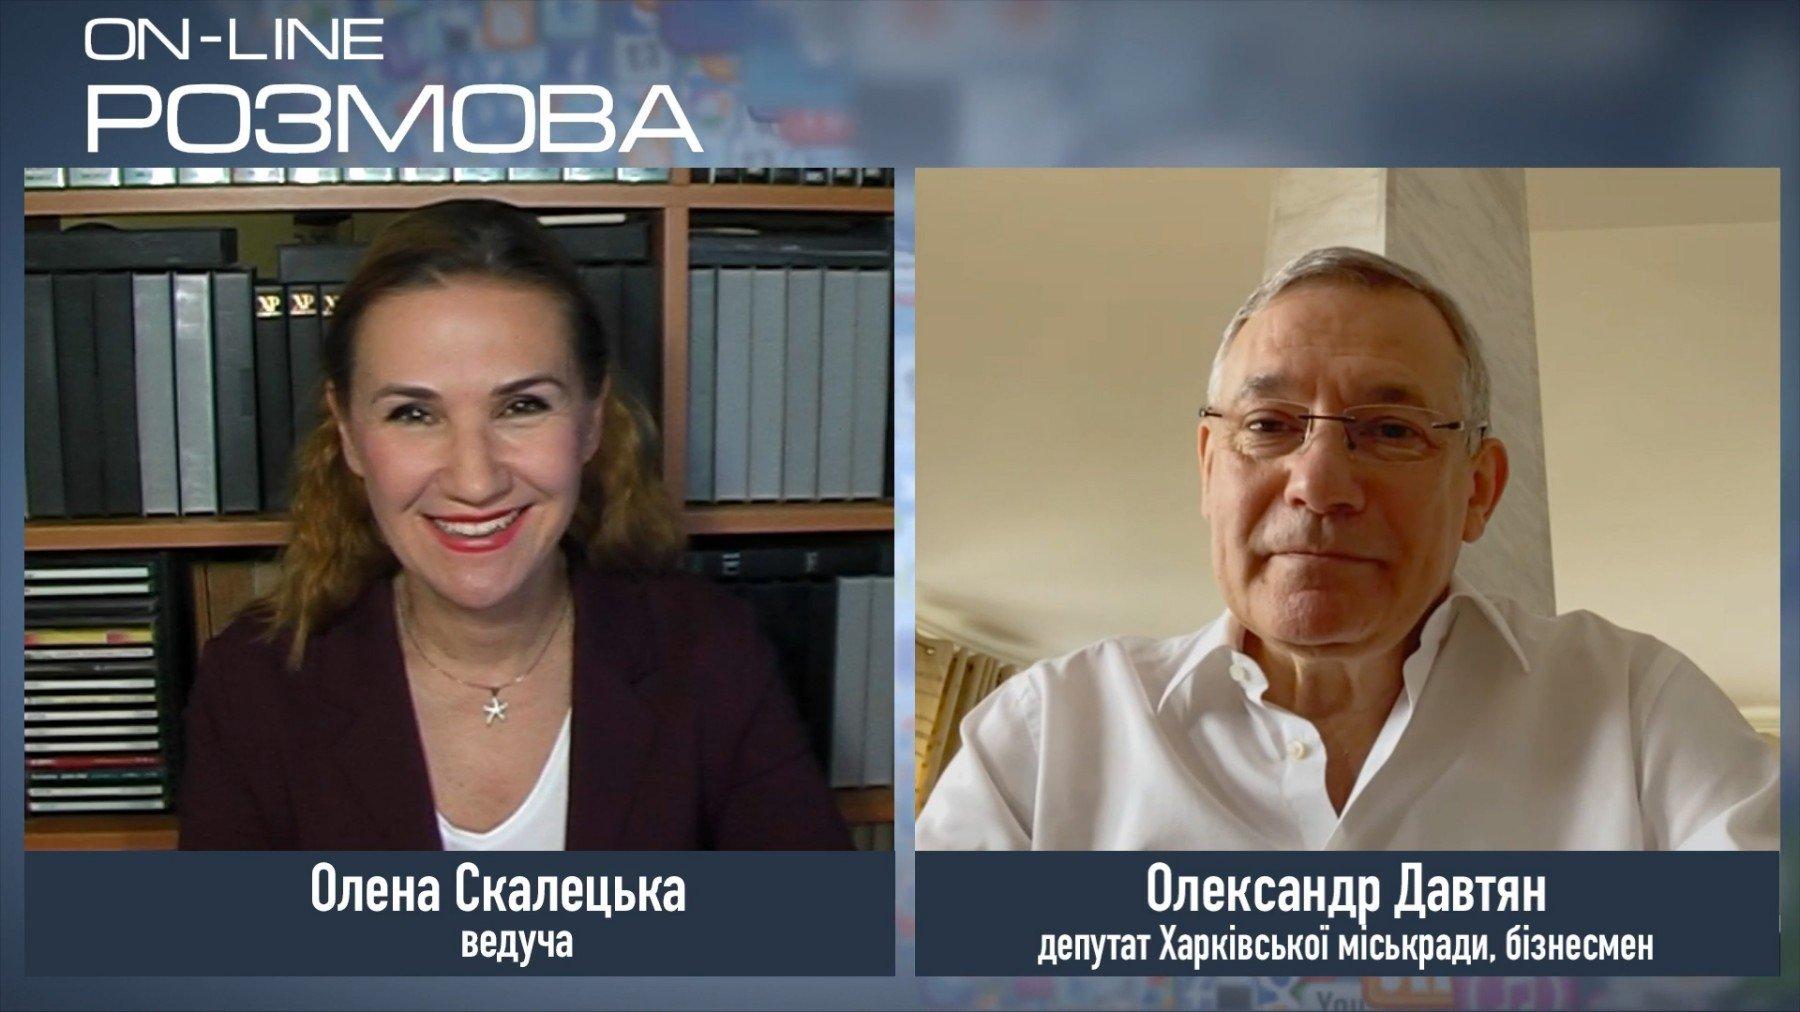 Программа Шмыгаля не принята, как  планируют спасать экономику Украины – Александр Давтян о выживании малого и среднего бизнеса сегодня, 22 июня, в 19.00 в эфире телеканала Simon